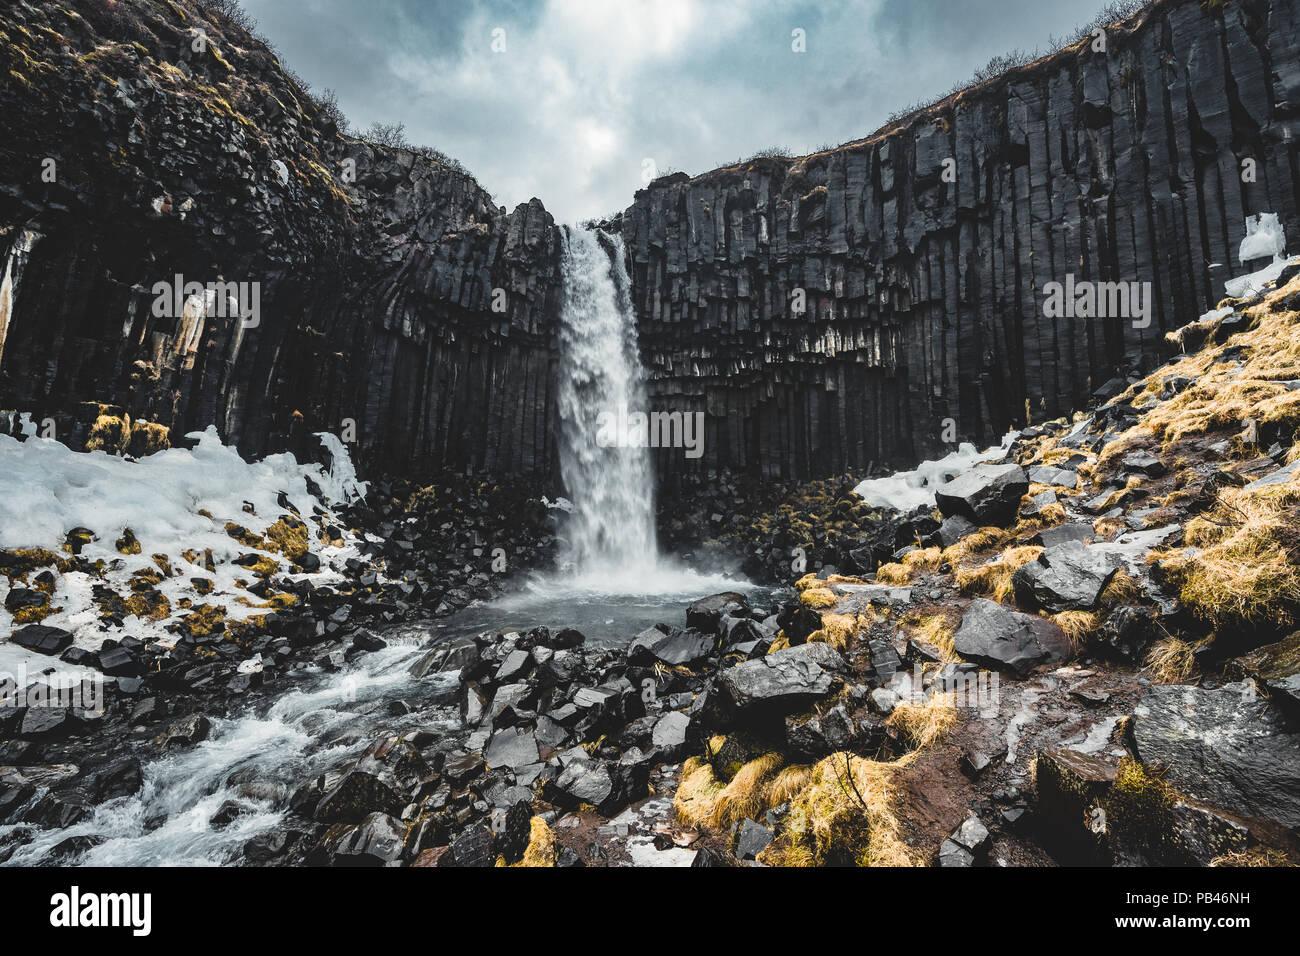 Dramatische morgen Blick auf berühmte Svartifoss (Schwarz) Wasserfall. Farbenfrohe Sommer Sonnenaufgang in Skaftafell, Vatnajökull National Park, Island, Europa. Künstlerischen Stil nachbearbeitete Foto. Stockbild